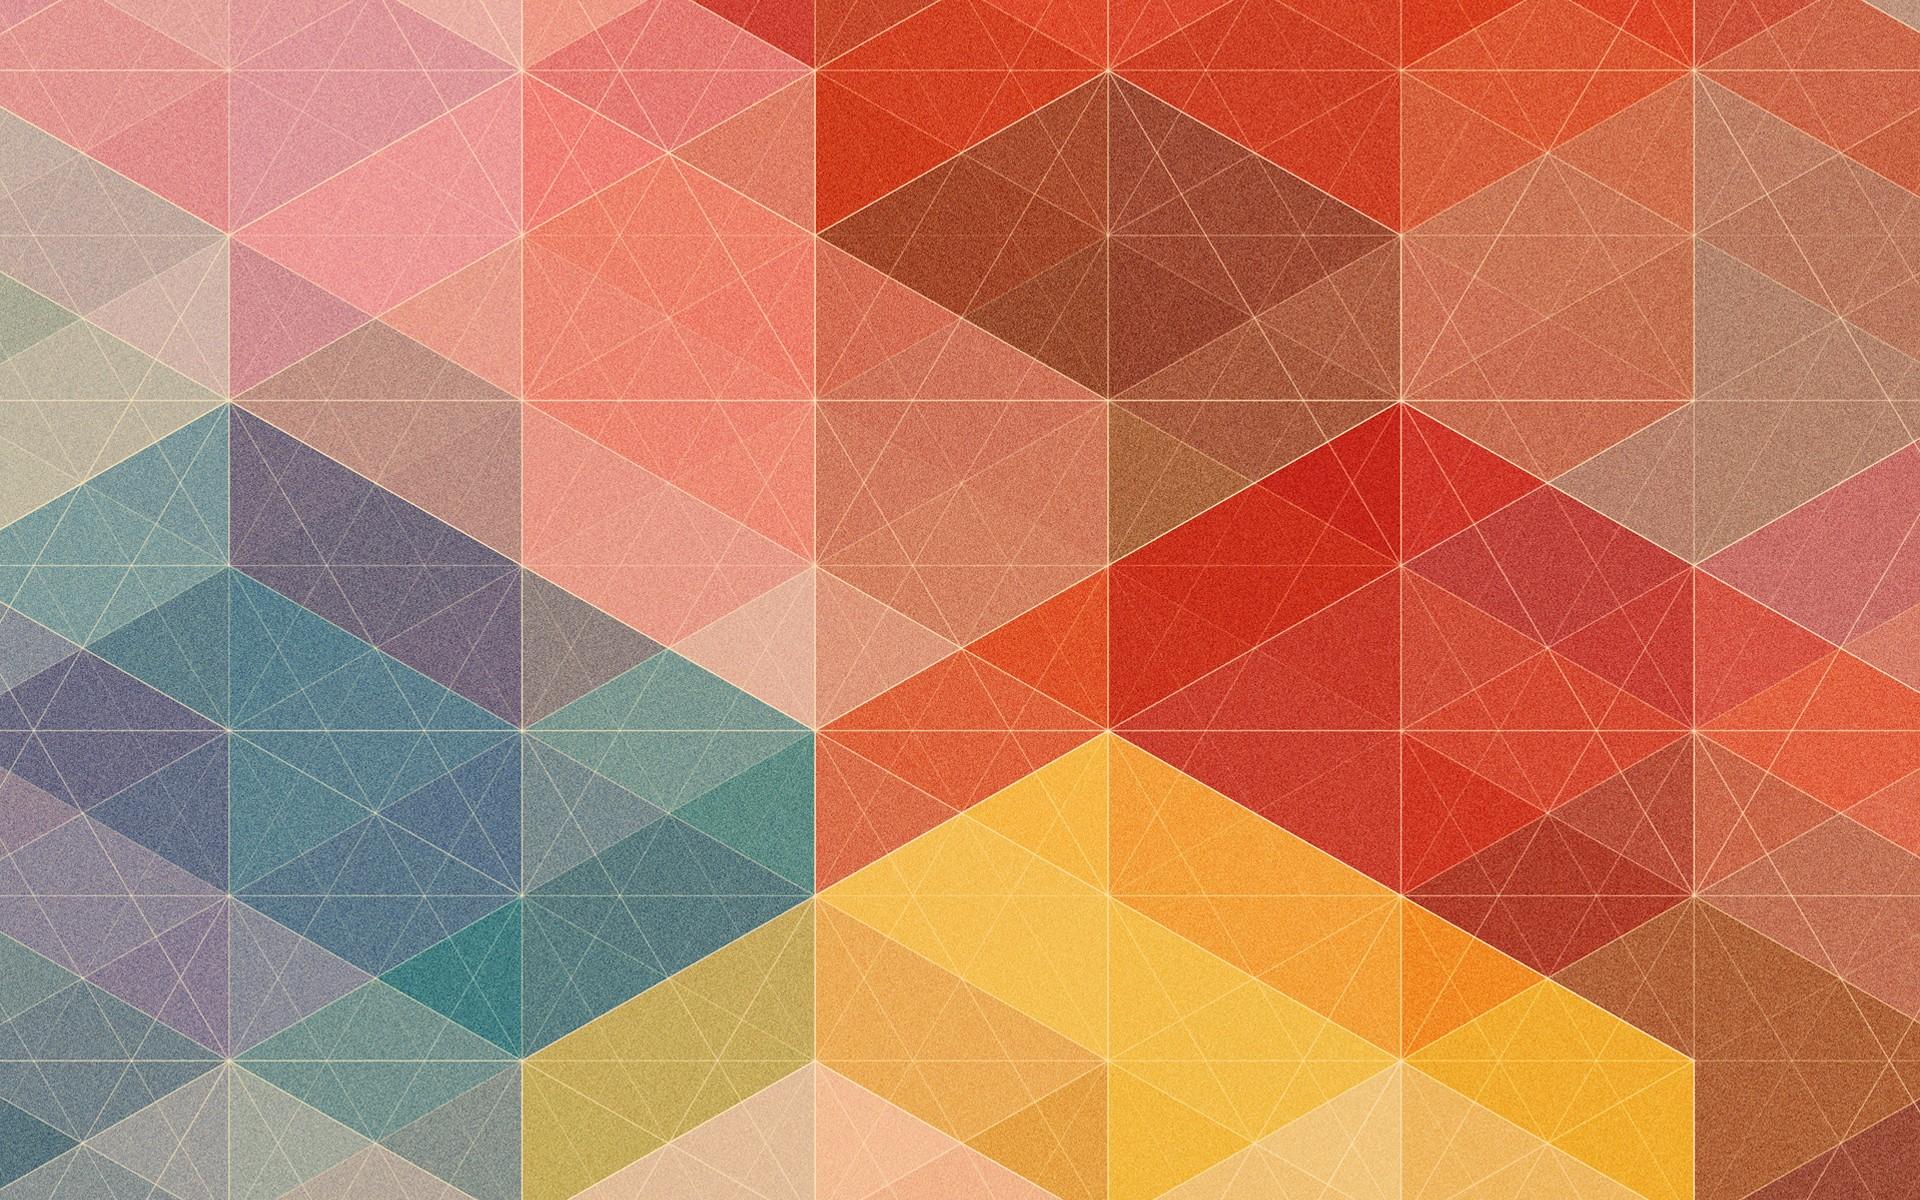 Figuras abstractas hd 1920x1200   imagenes   wallpapers gratis 1920x1200